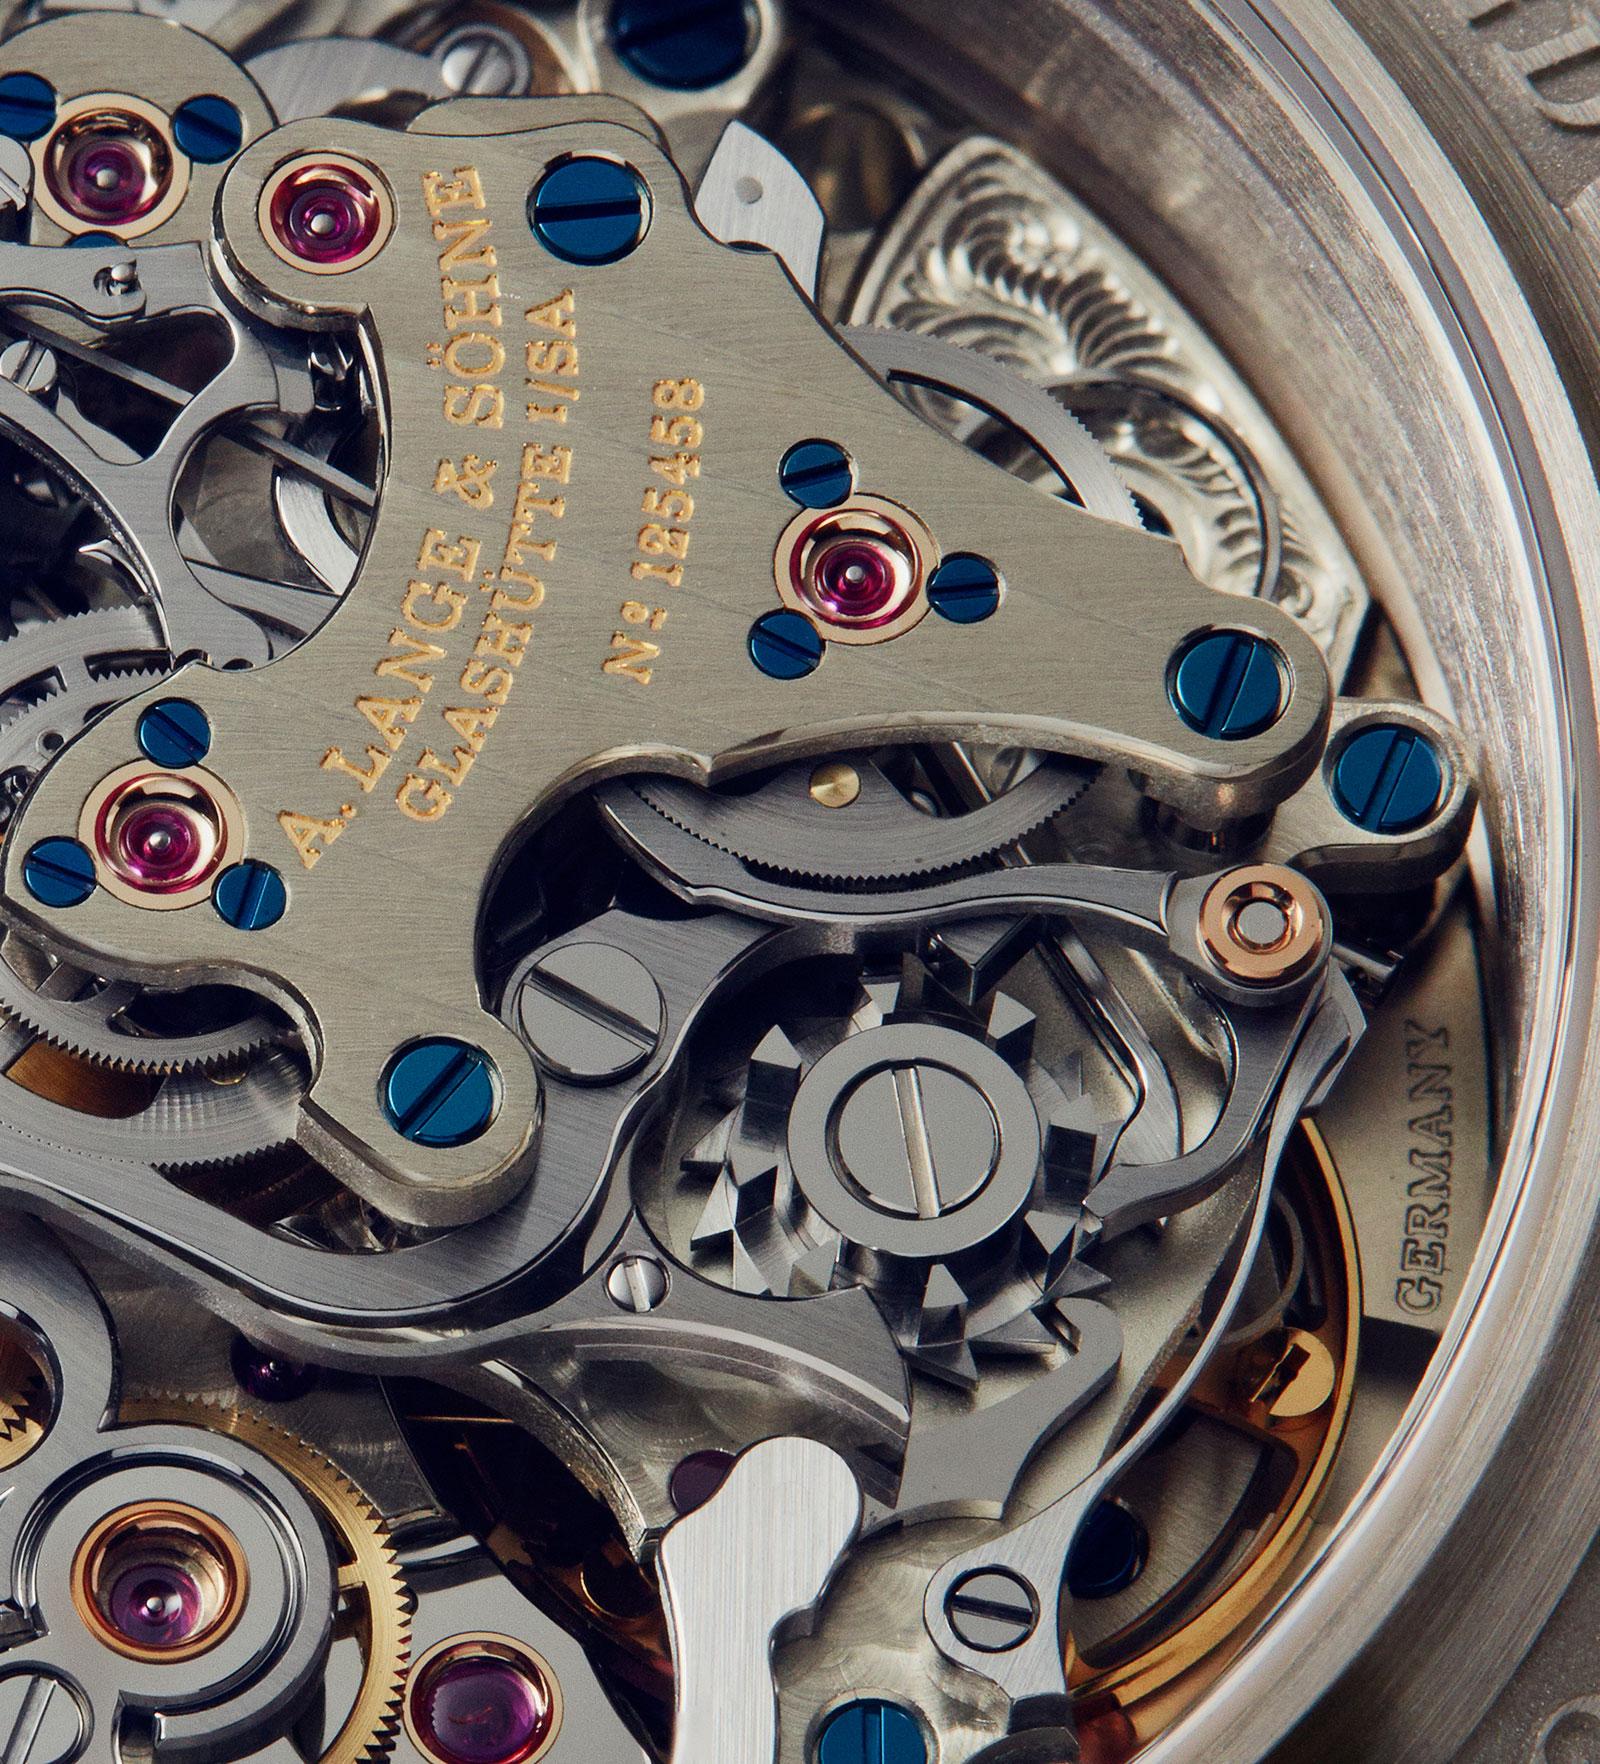 Lange Triple Split Chronograph detail 1